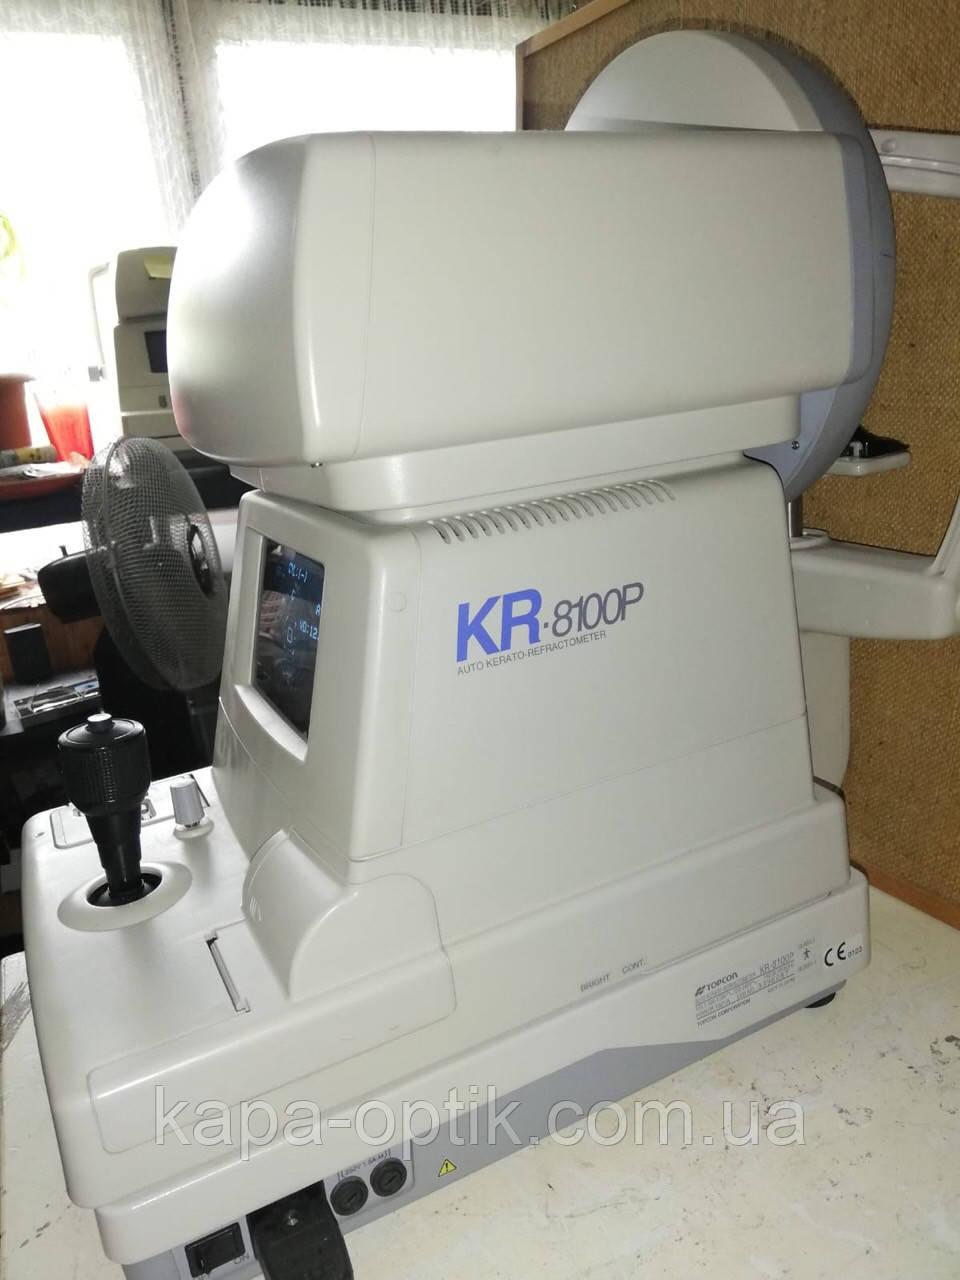 Авторефкератометр TOPCON KR-8100P